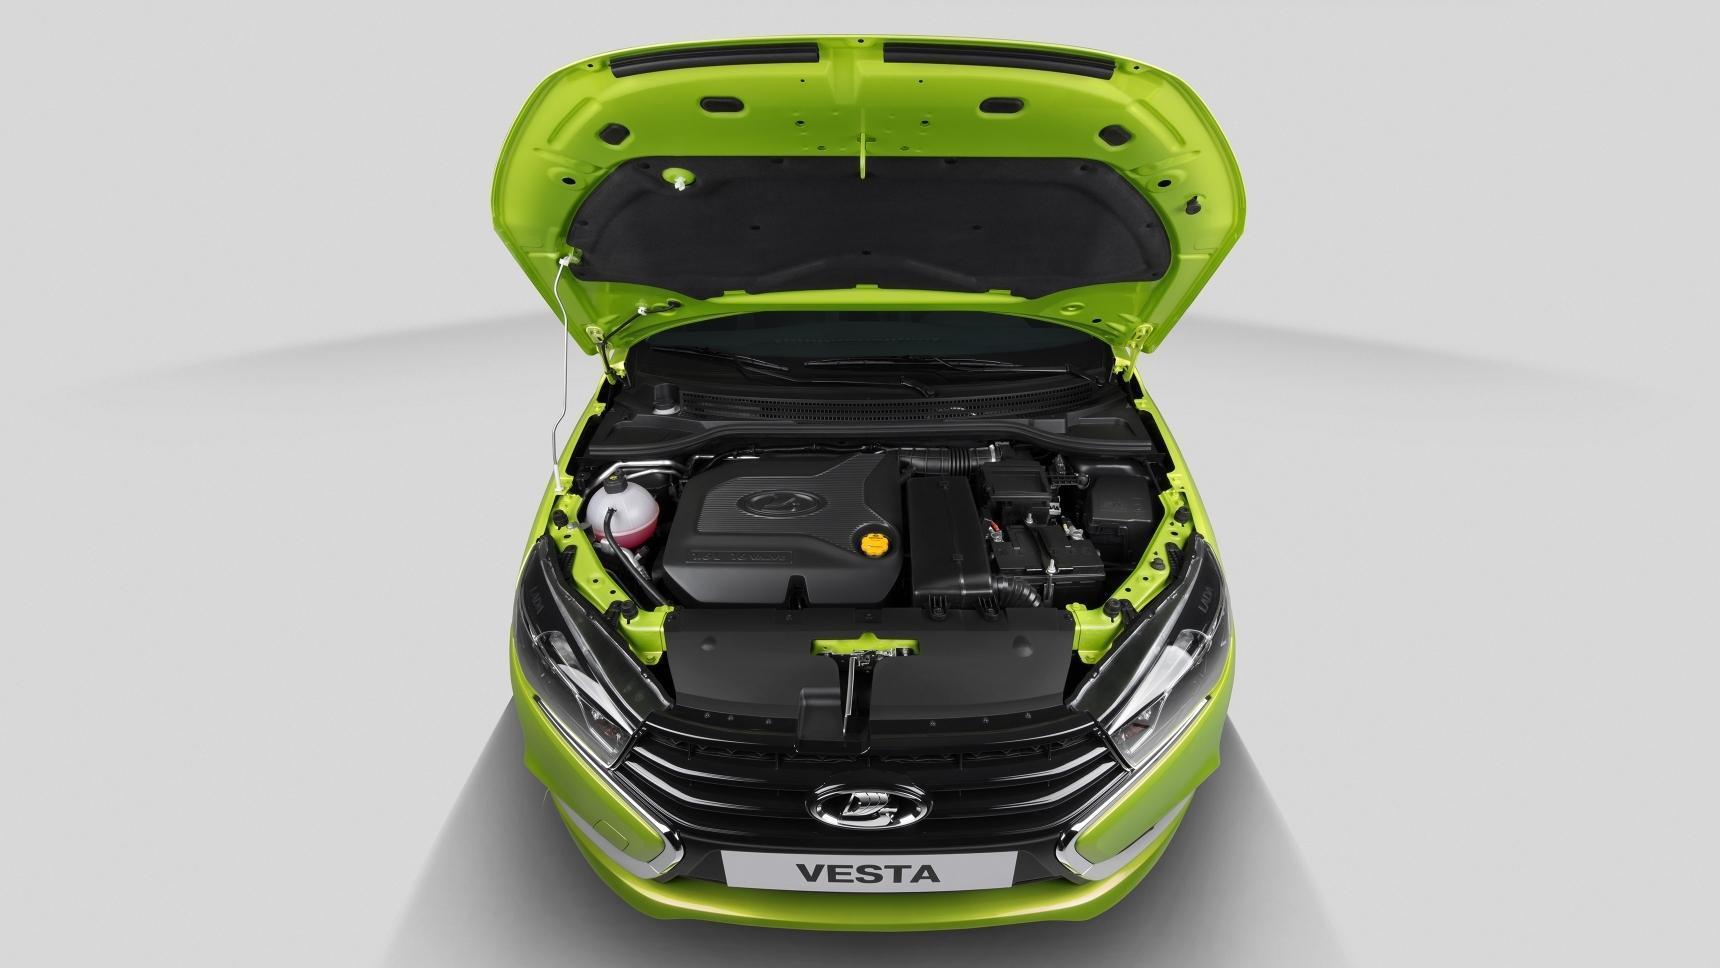 Покупаем Lada Vesta: на что обратить внимание при выборе модели